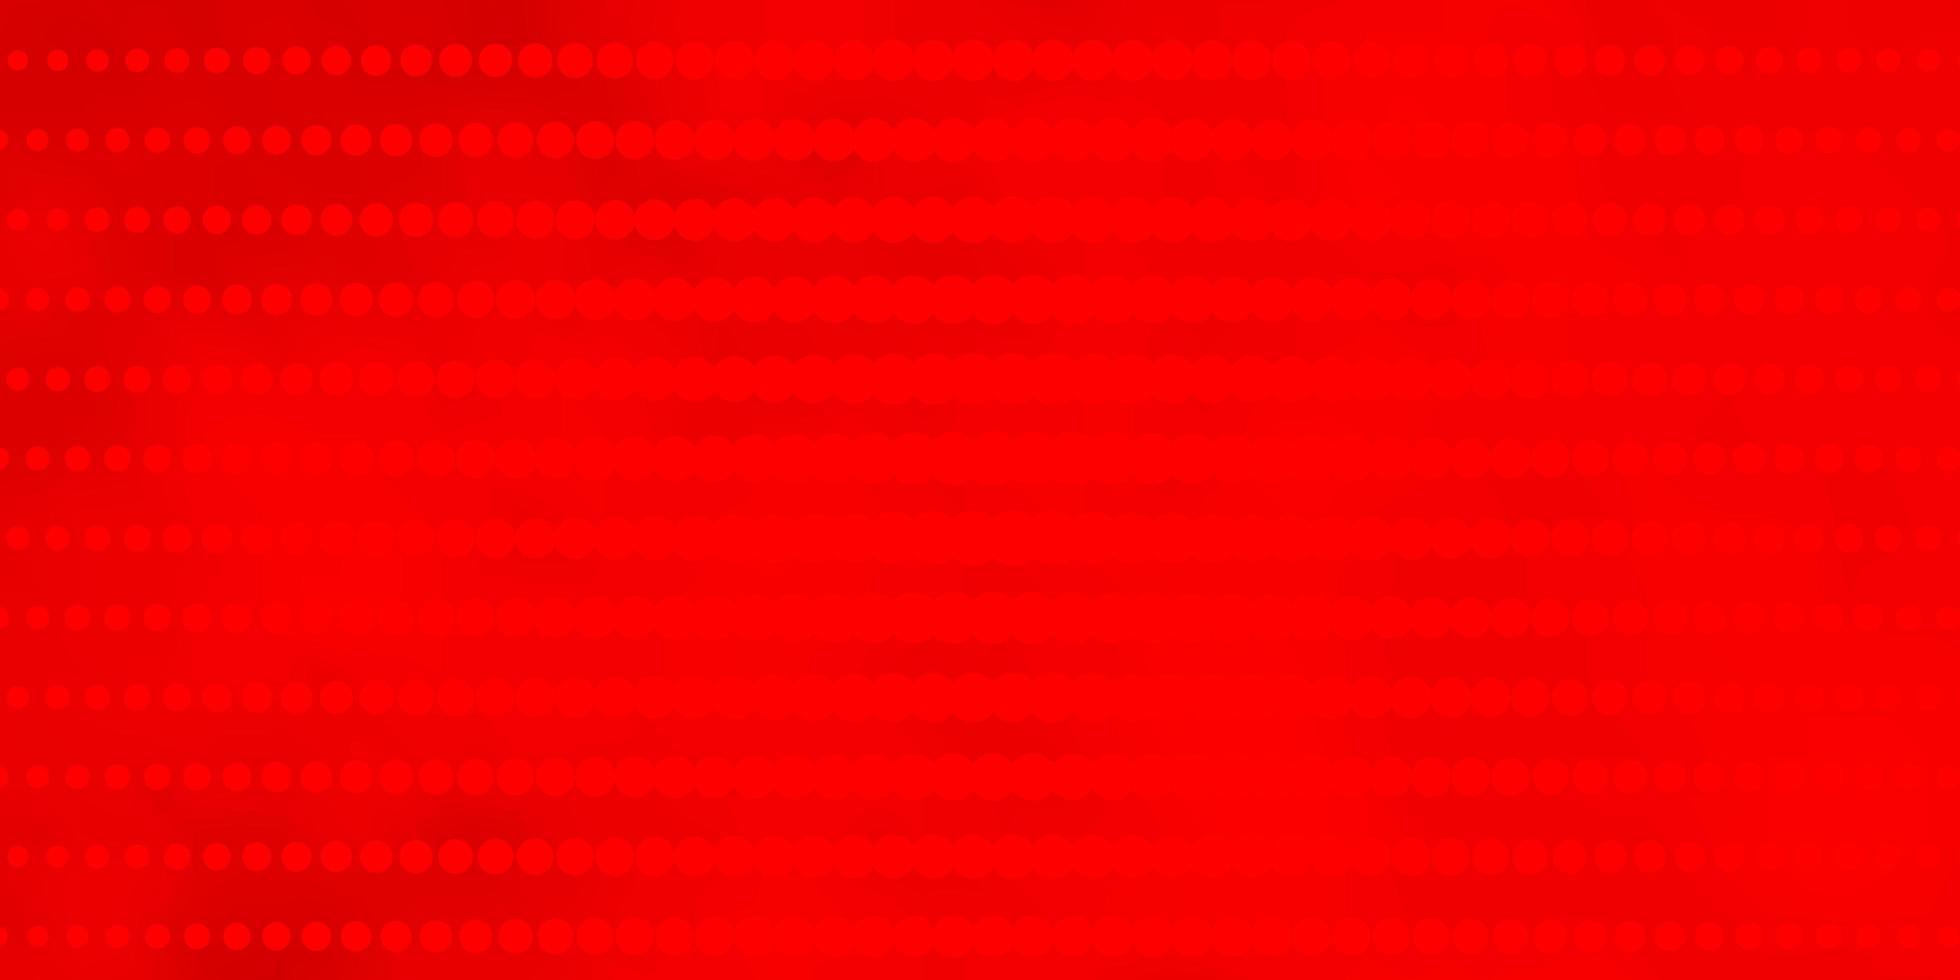 fond de vecteur rouge clair avec des cercles.